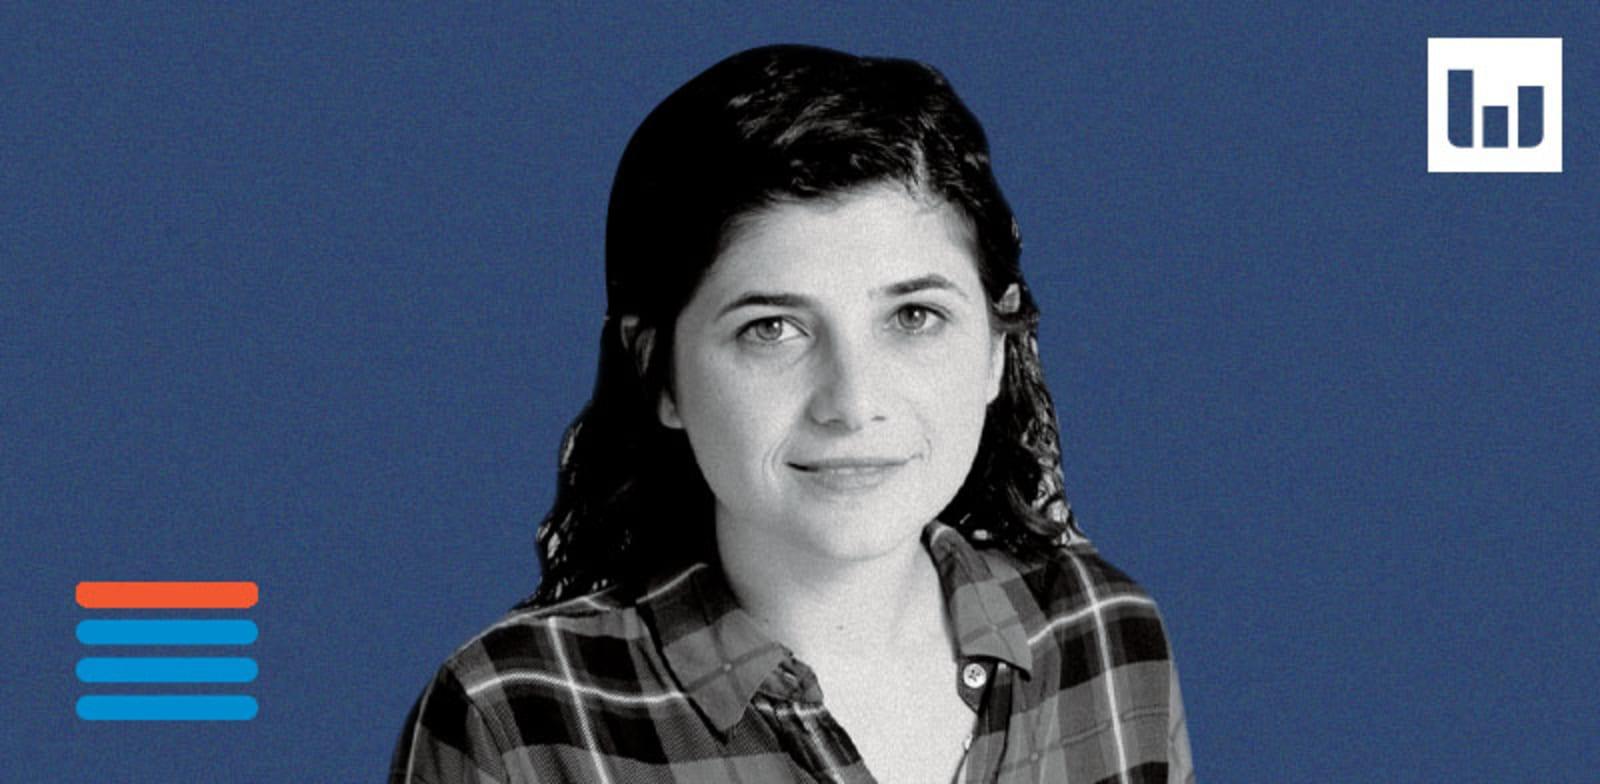 שרן השכל / צילום: שלומי יוסף